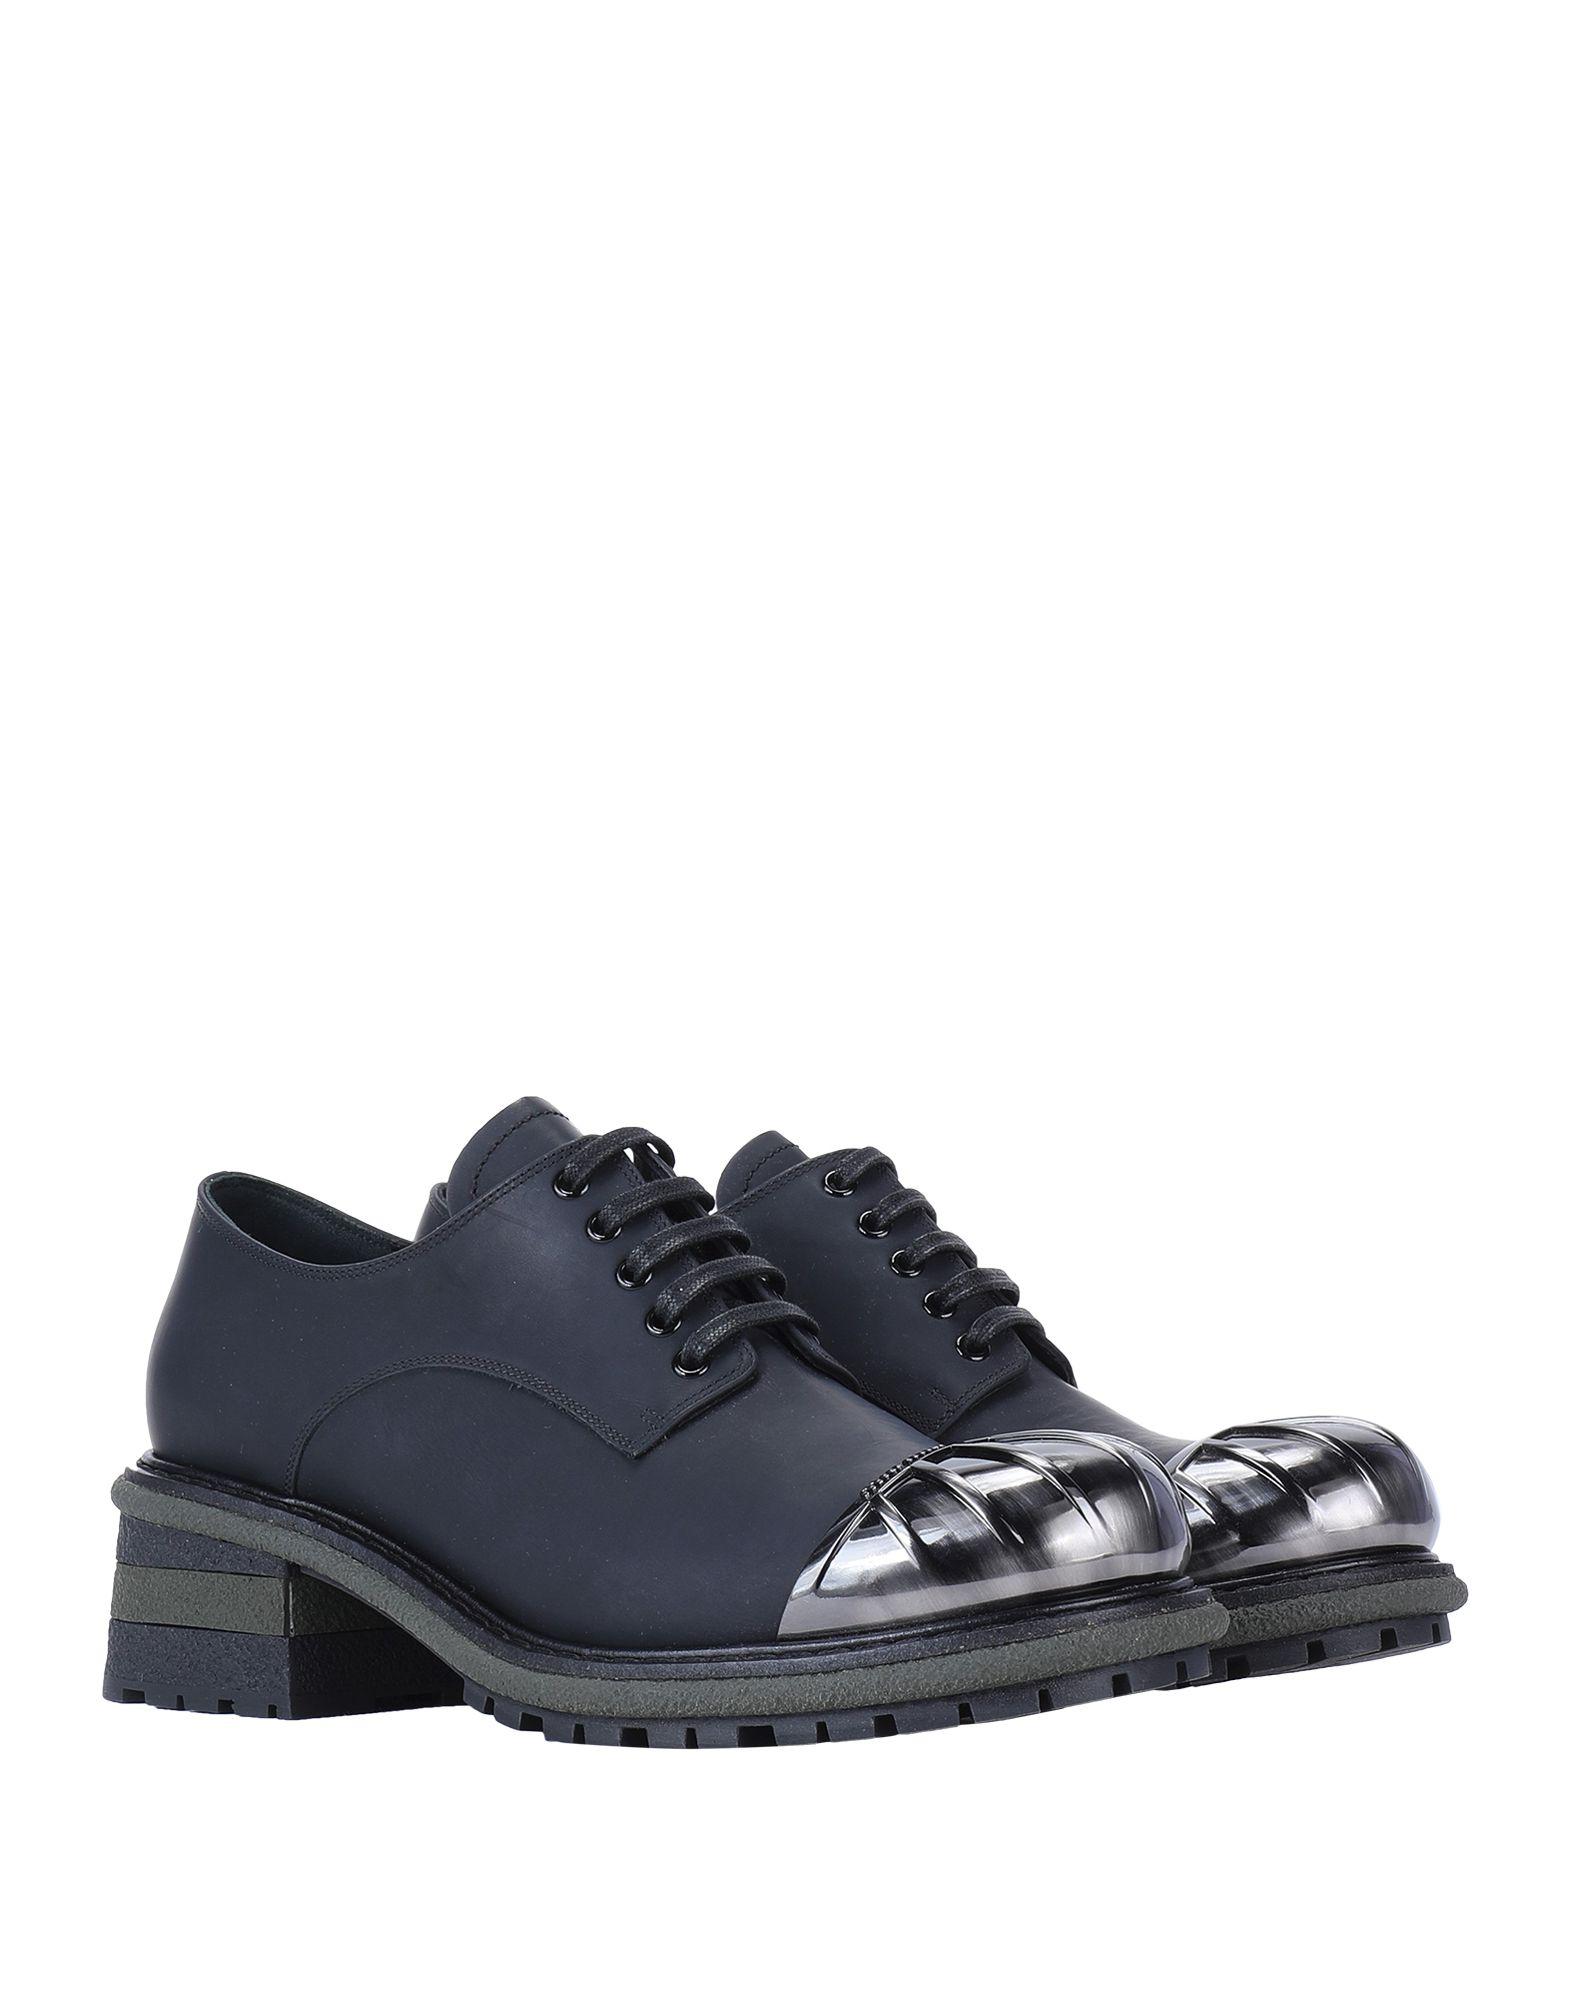 Miu 11068851JLGünstige Miu Schnürschuhe Damen  11068851JLGünstige Miu gut aussehende Schuhe 1280d7